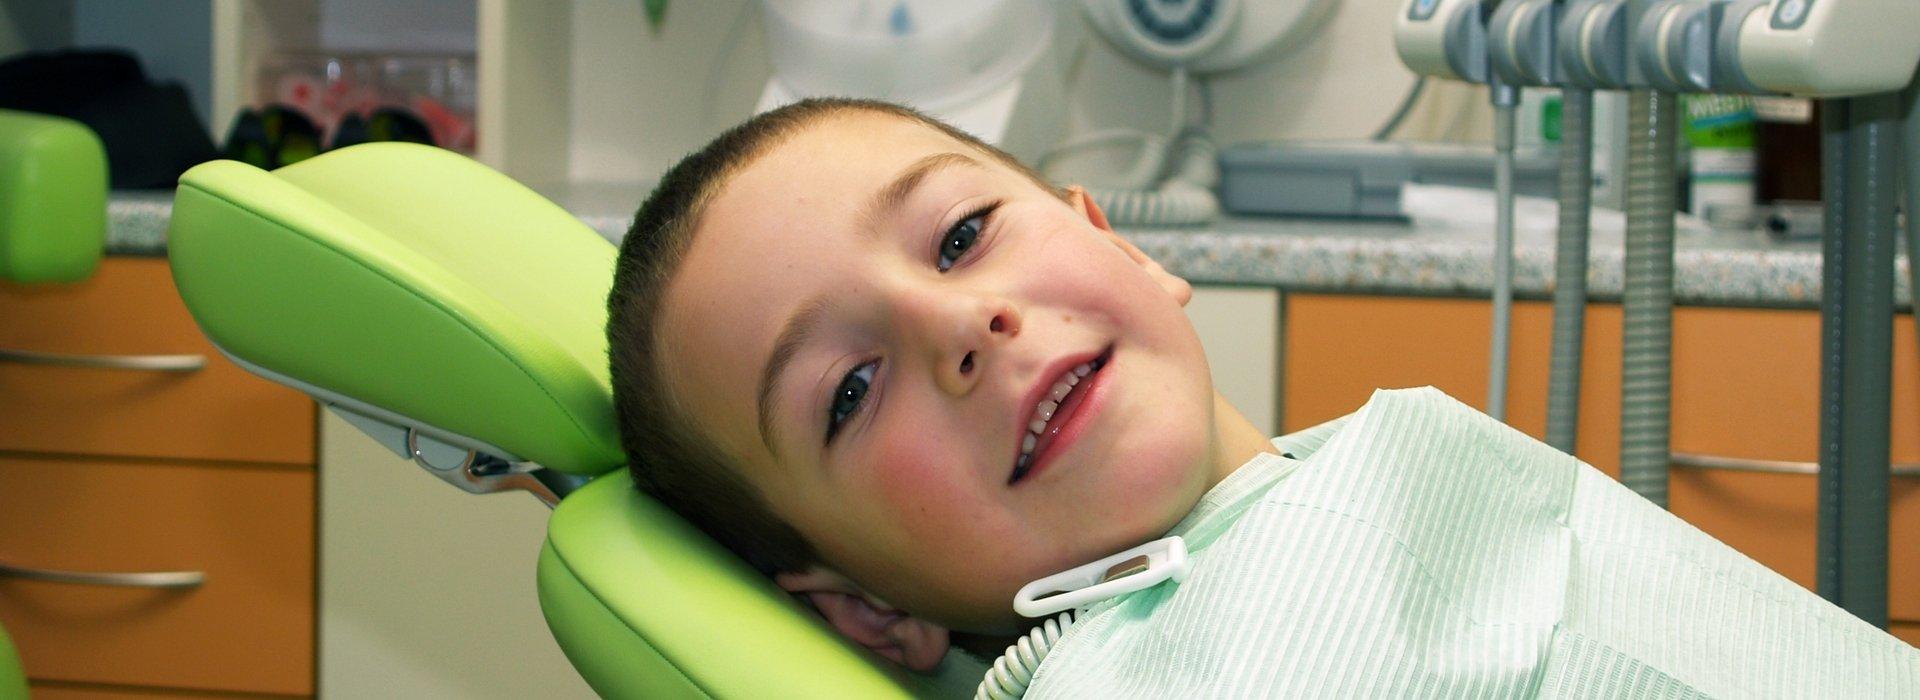 Gyermekfogászat – Fogászati kezelések és szűrővizsgálatok gyerekeknek